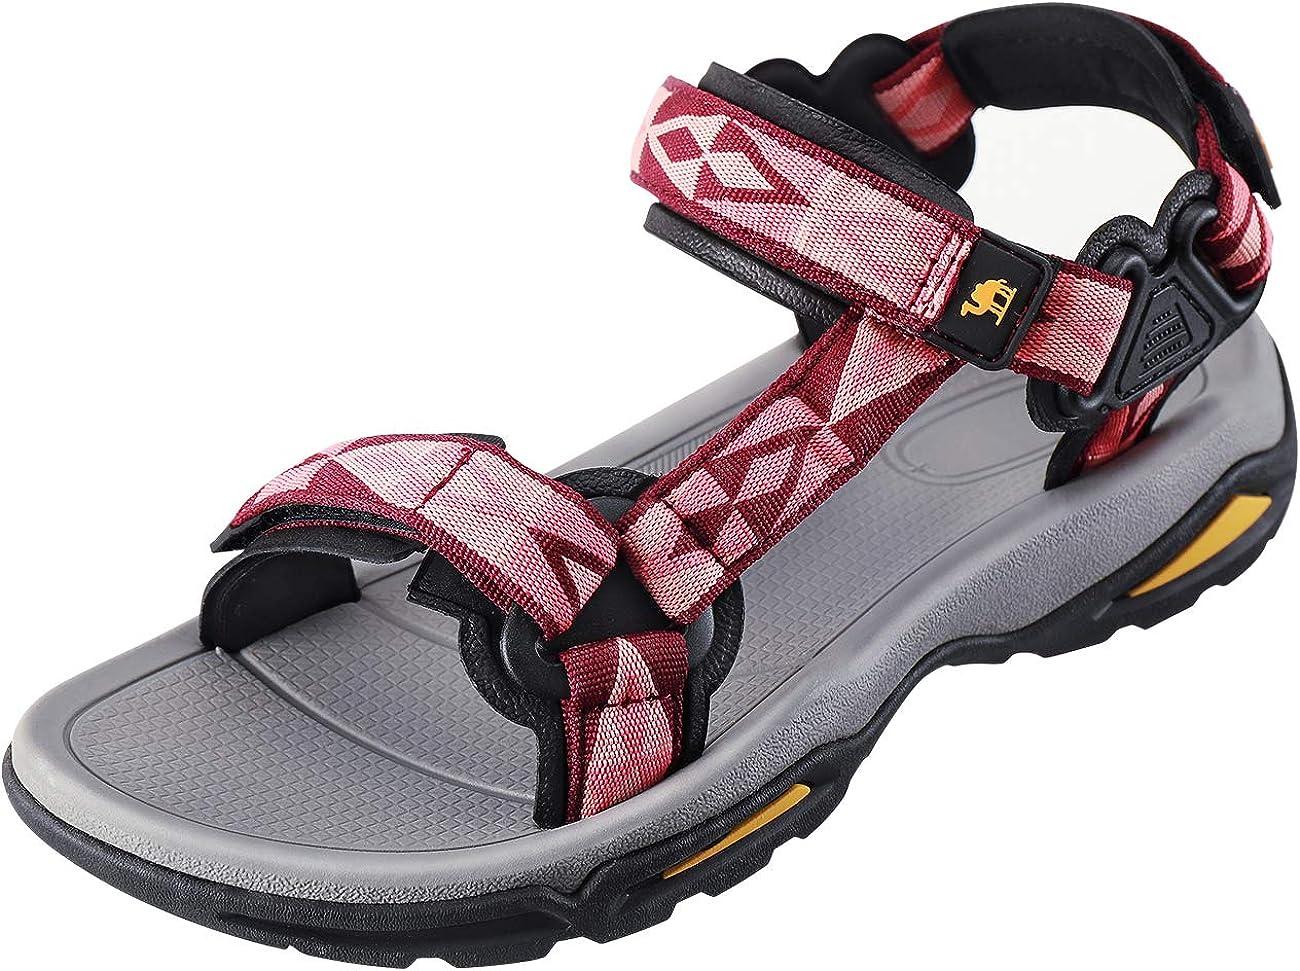 CAMEL CROWN Waterproof Hiking Sandals